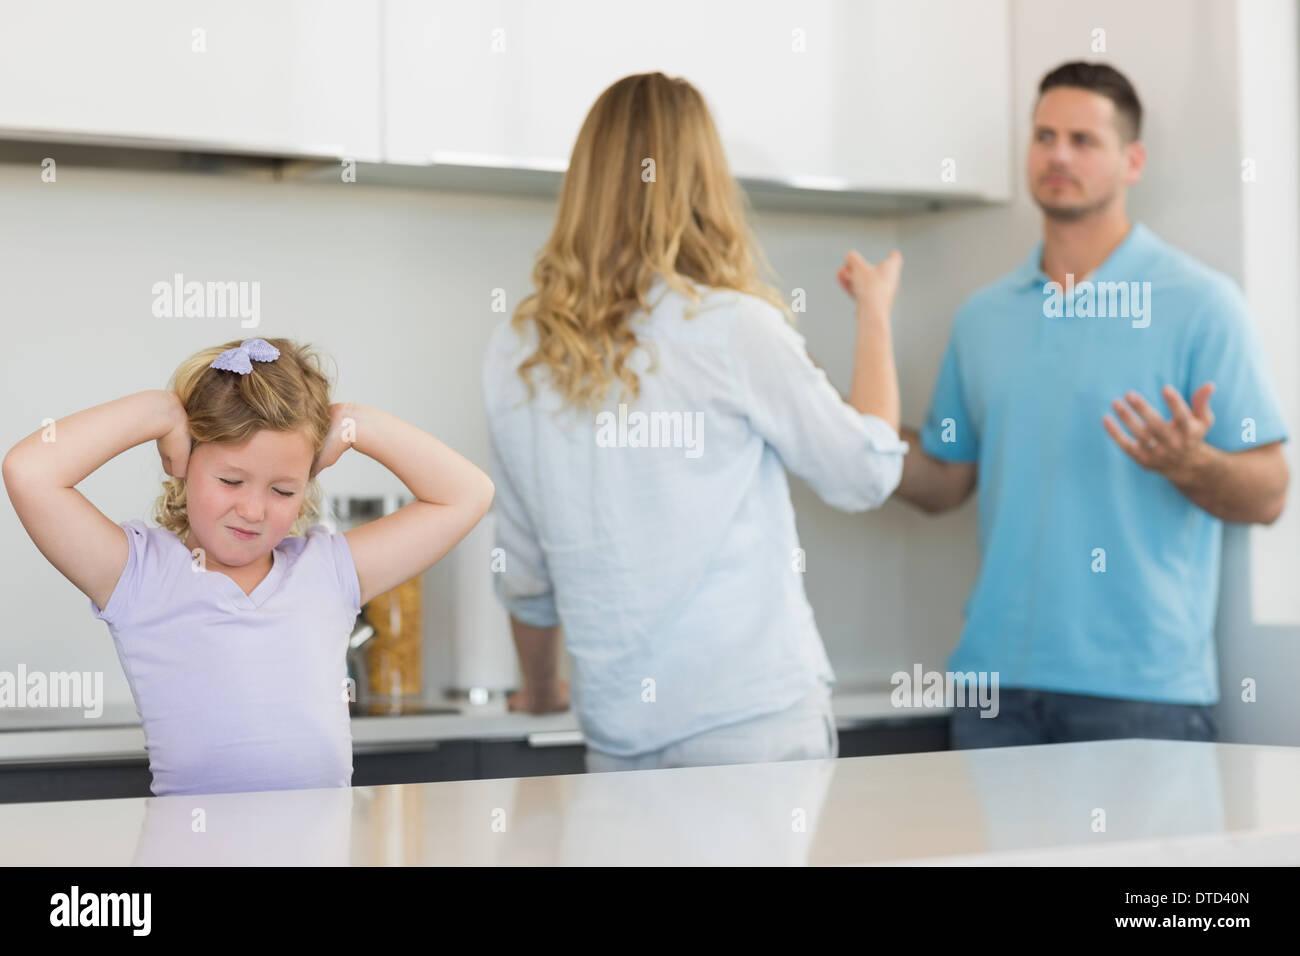 Mädchen für Ohren, während die Eltern streiten Stockbild